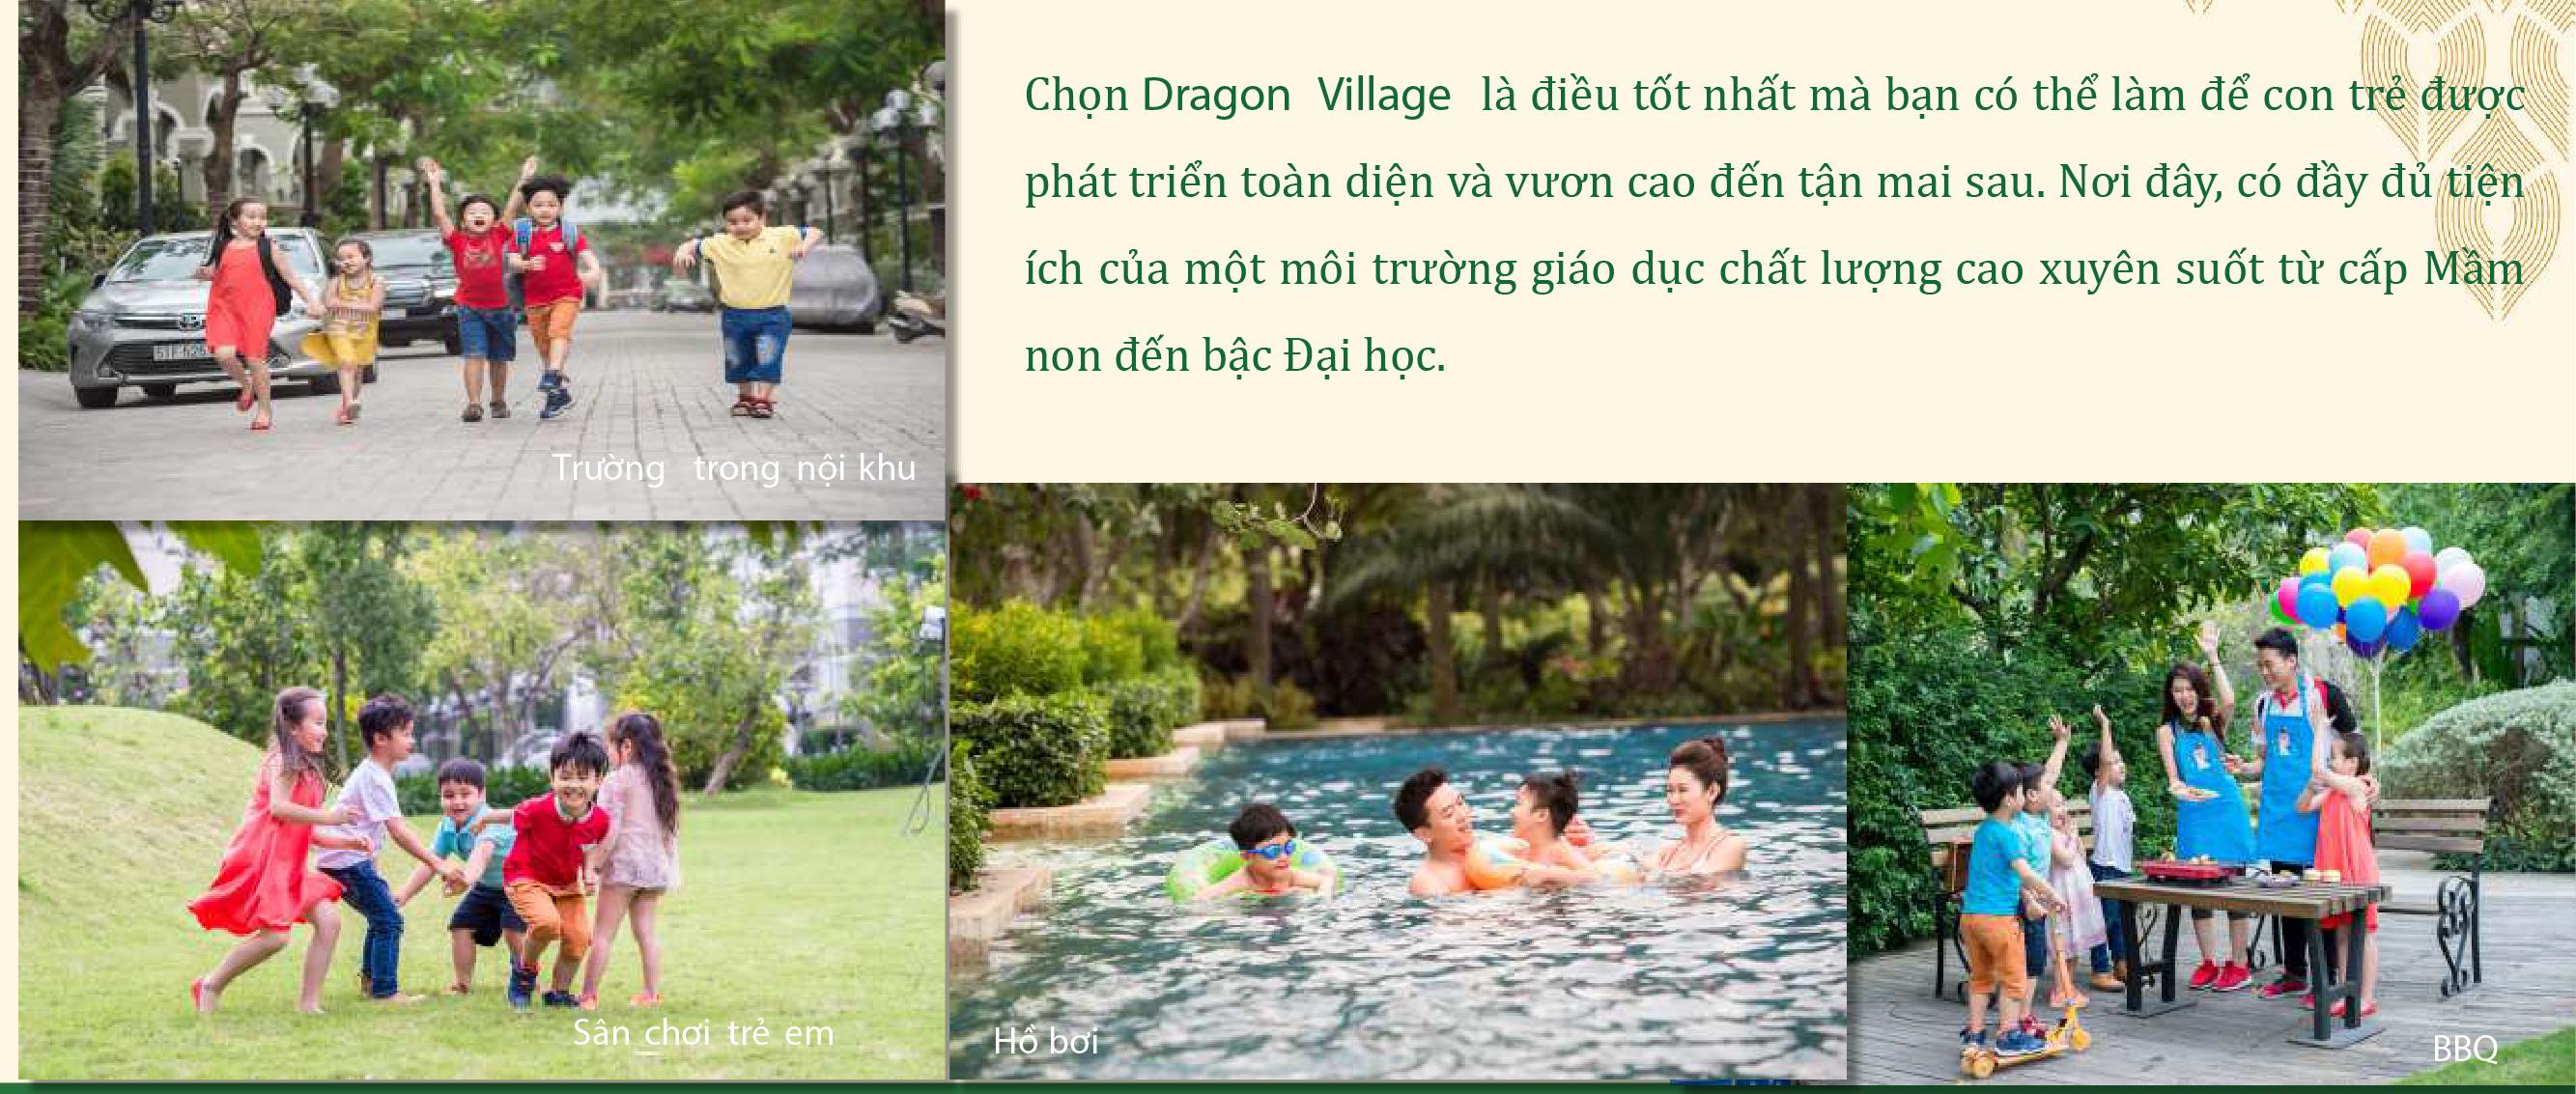 tiện ích dragonvillage quan 9